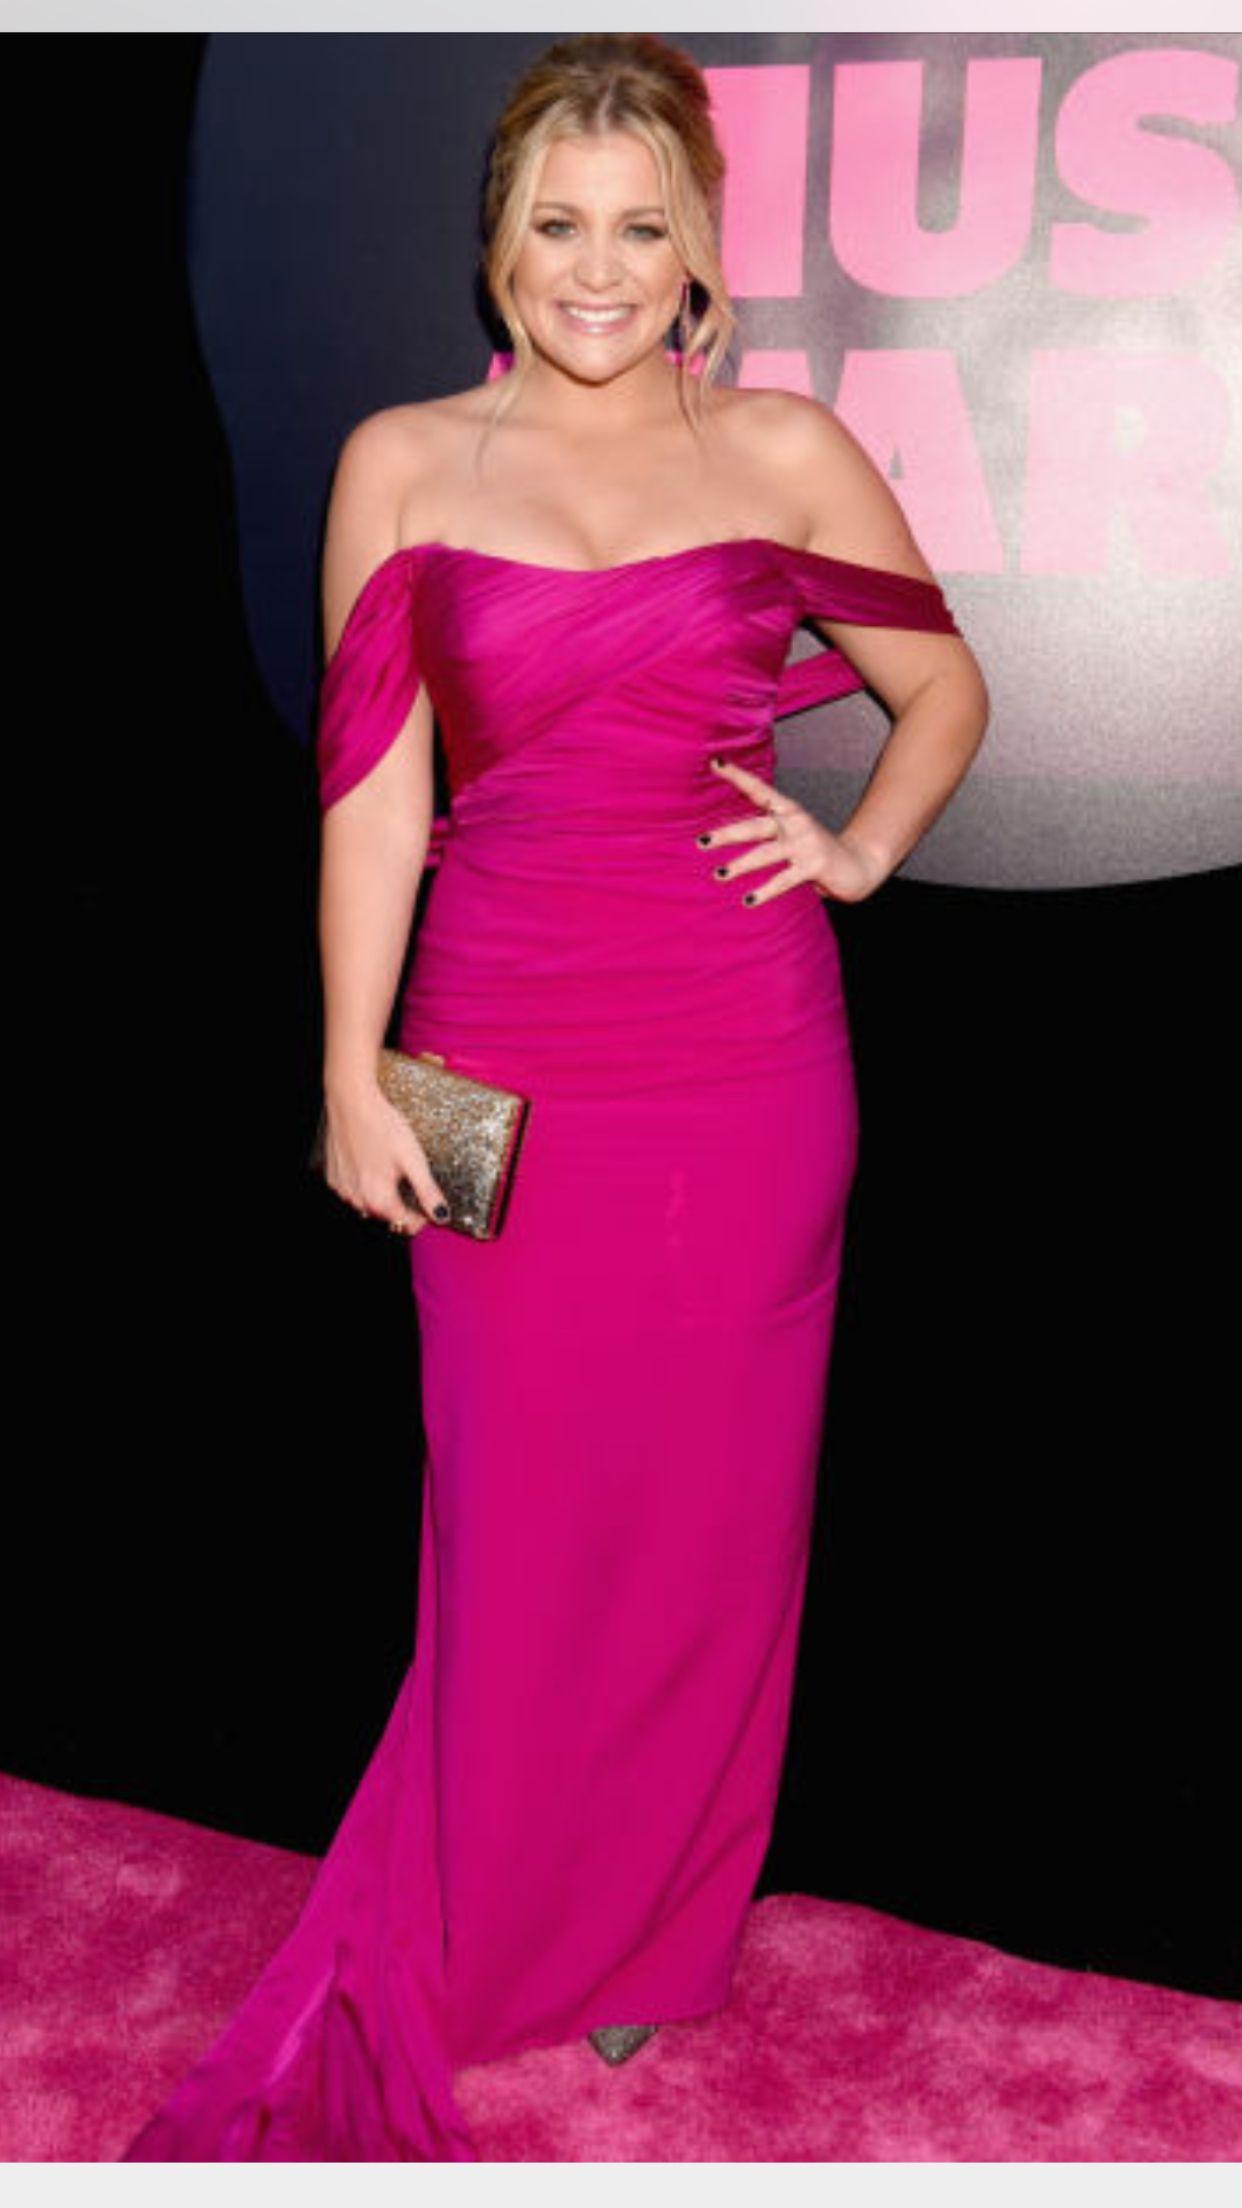 Lauren Alaina on red carpet @ CMT Awards | Lauren Alaina | Pinterest